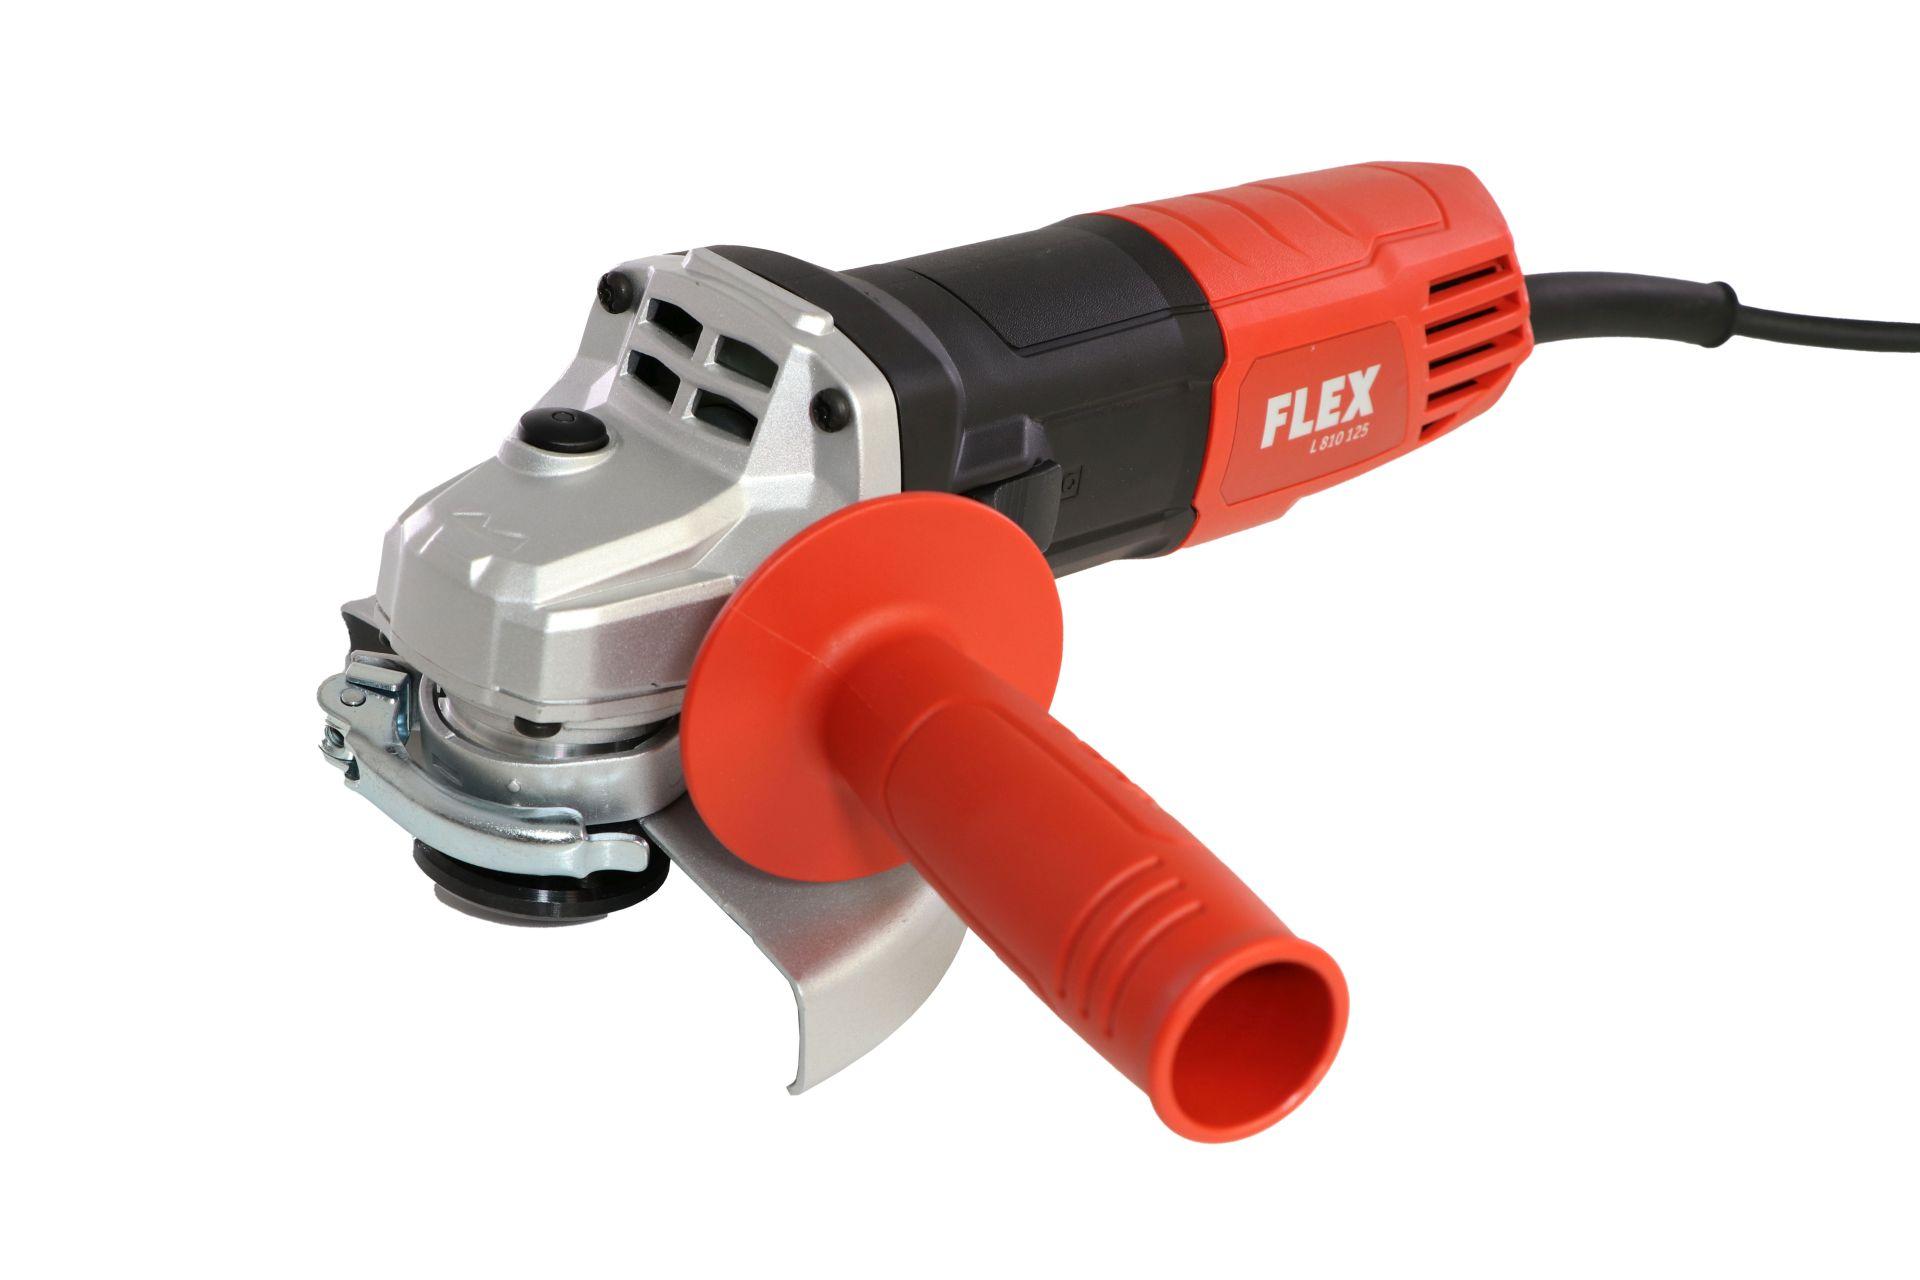 Flex Winkelschleifer L810, 800 W, Scheibendurchmesser 125 mm, Aufnahme M14